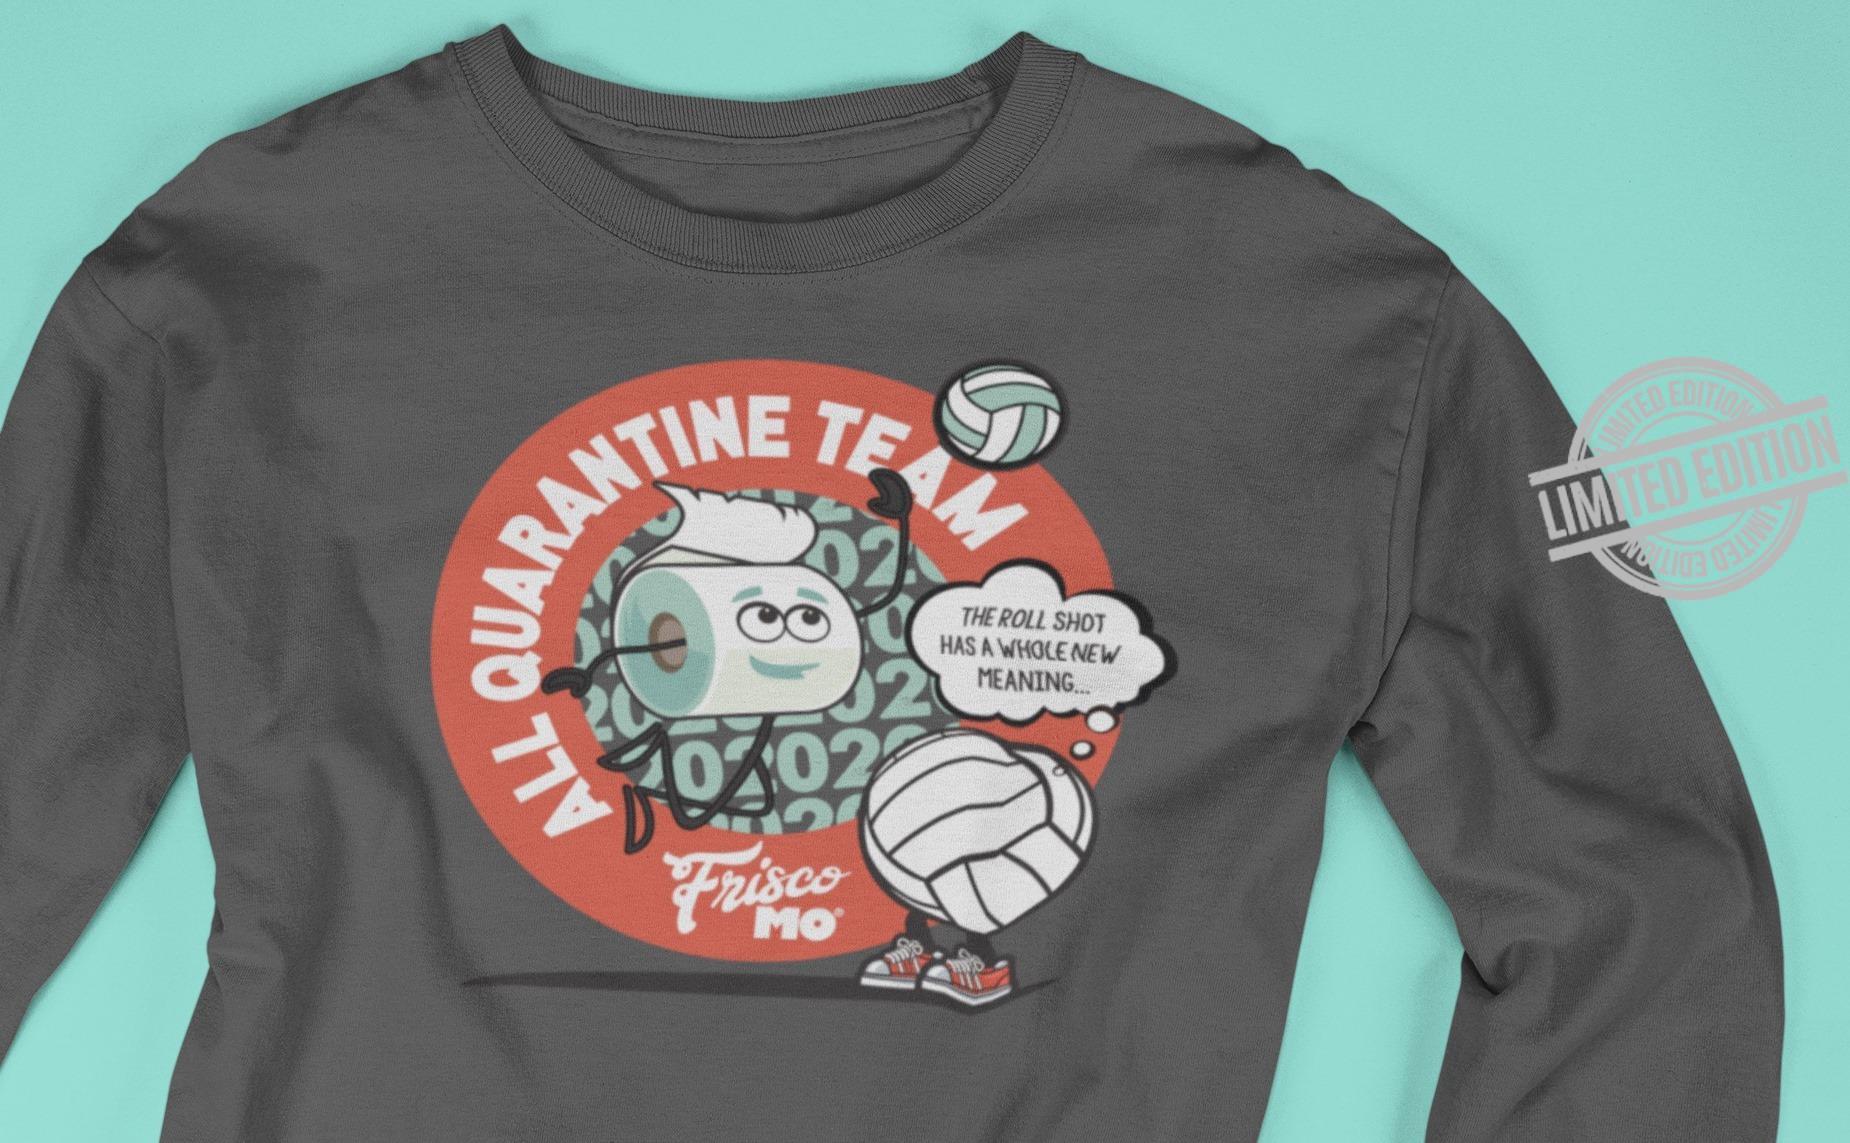 All Quarantine Team Frisco Shirt